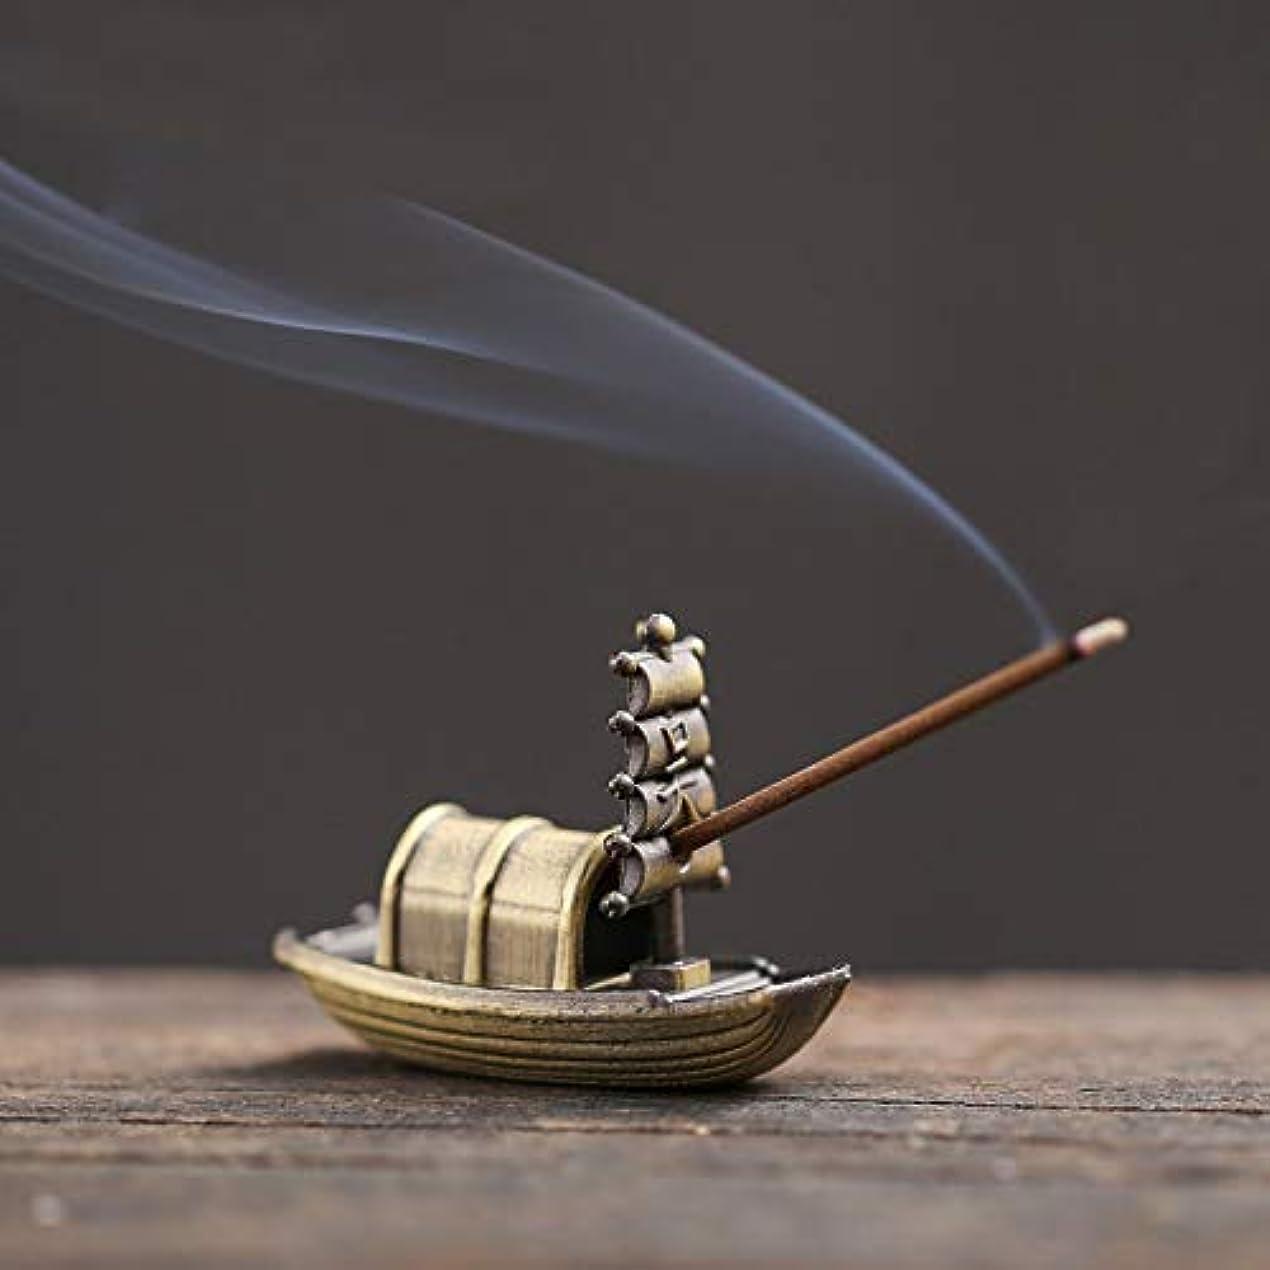 火曜日放牧する割るPHILOGOD 香炉 合金ミニセーリングモデリング線香立て お香 ホルダー 香置物